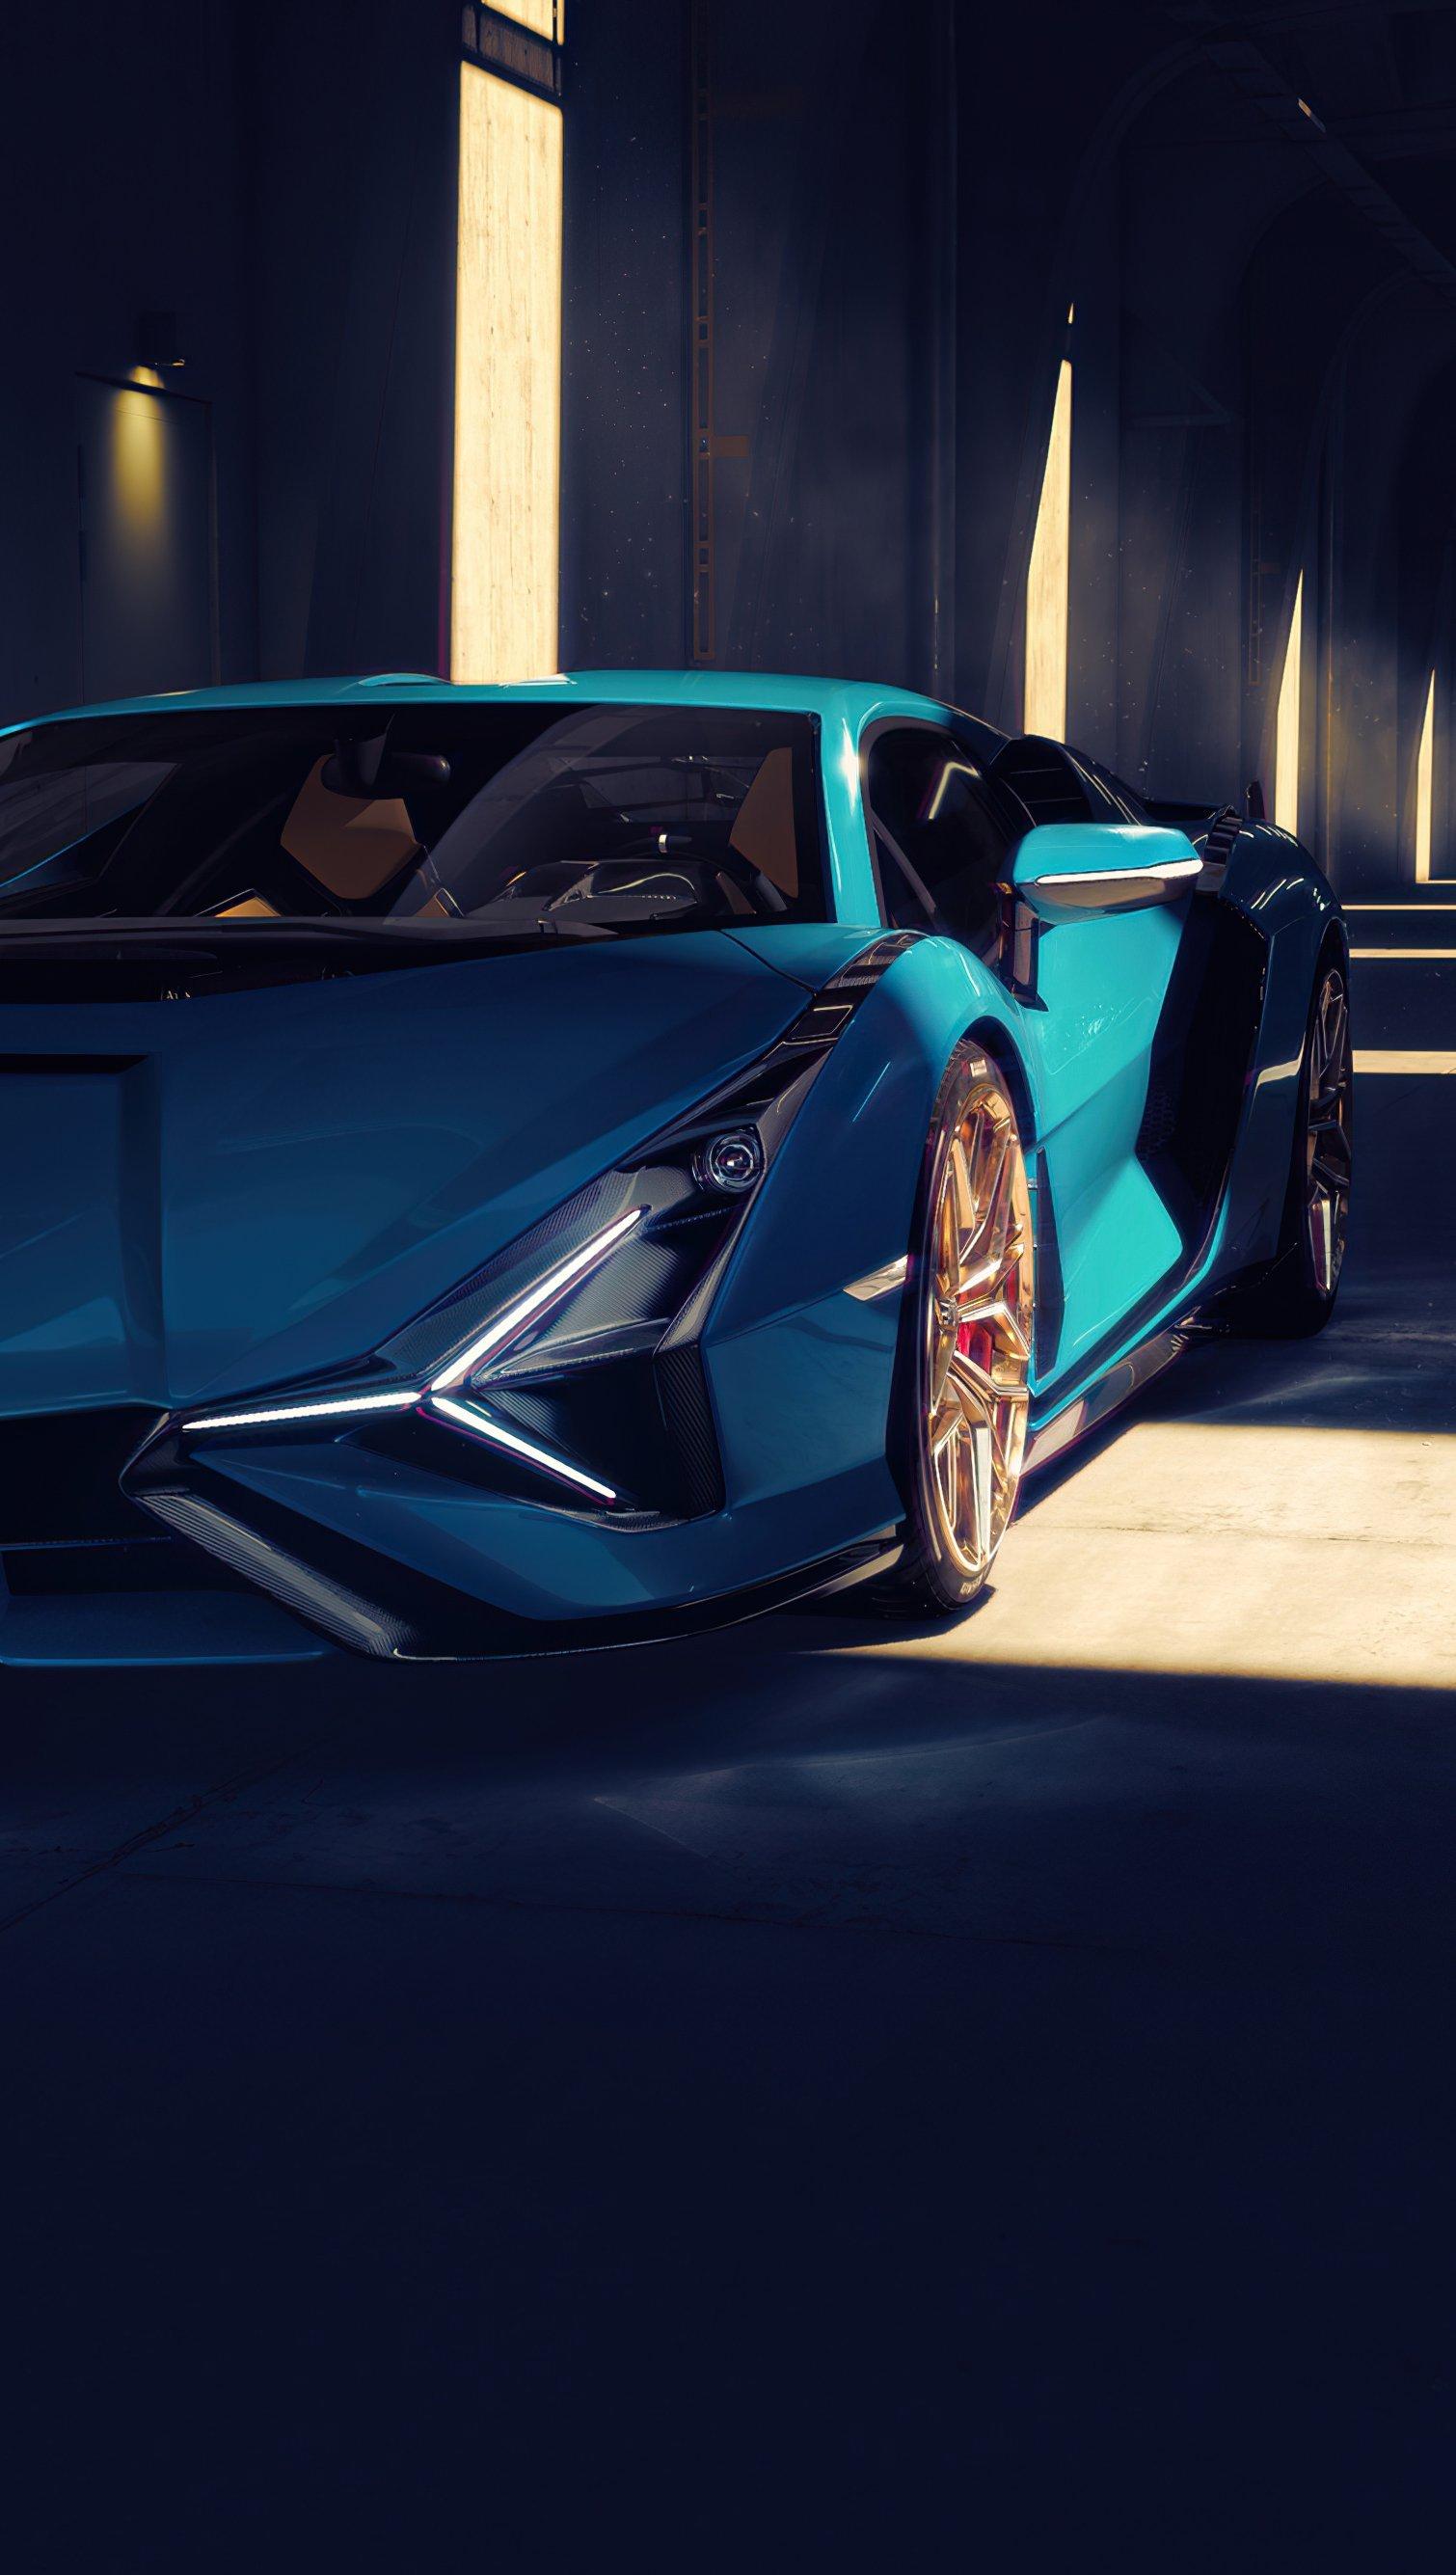 Fondos de pantalla Lamborghini Sian Vertical